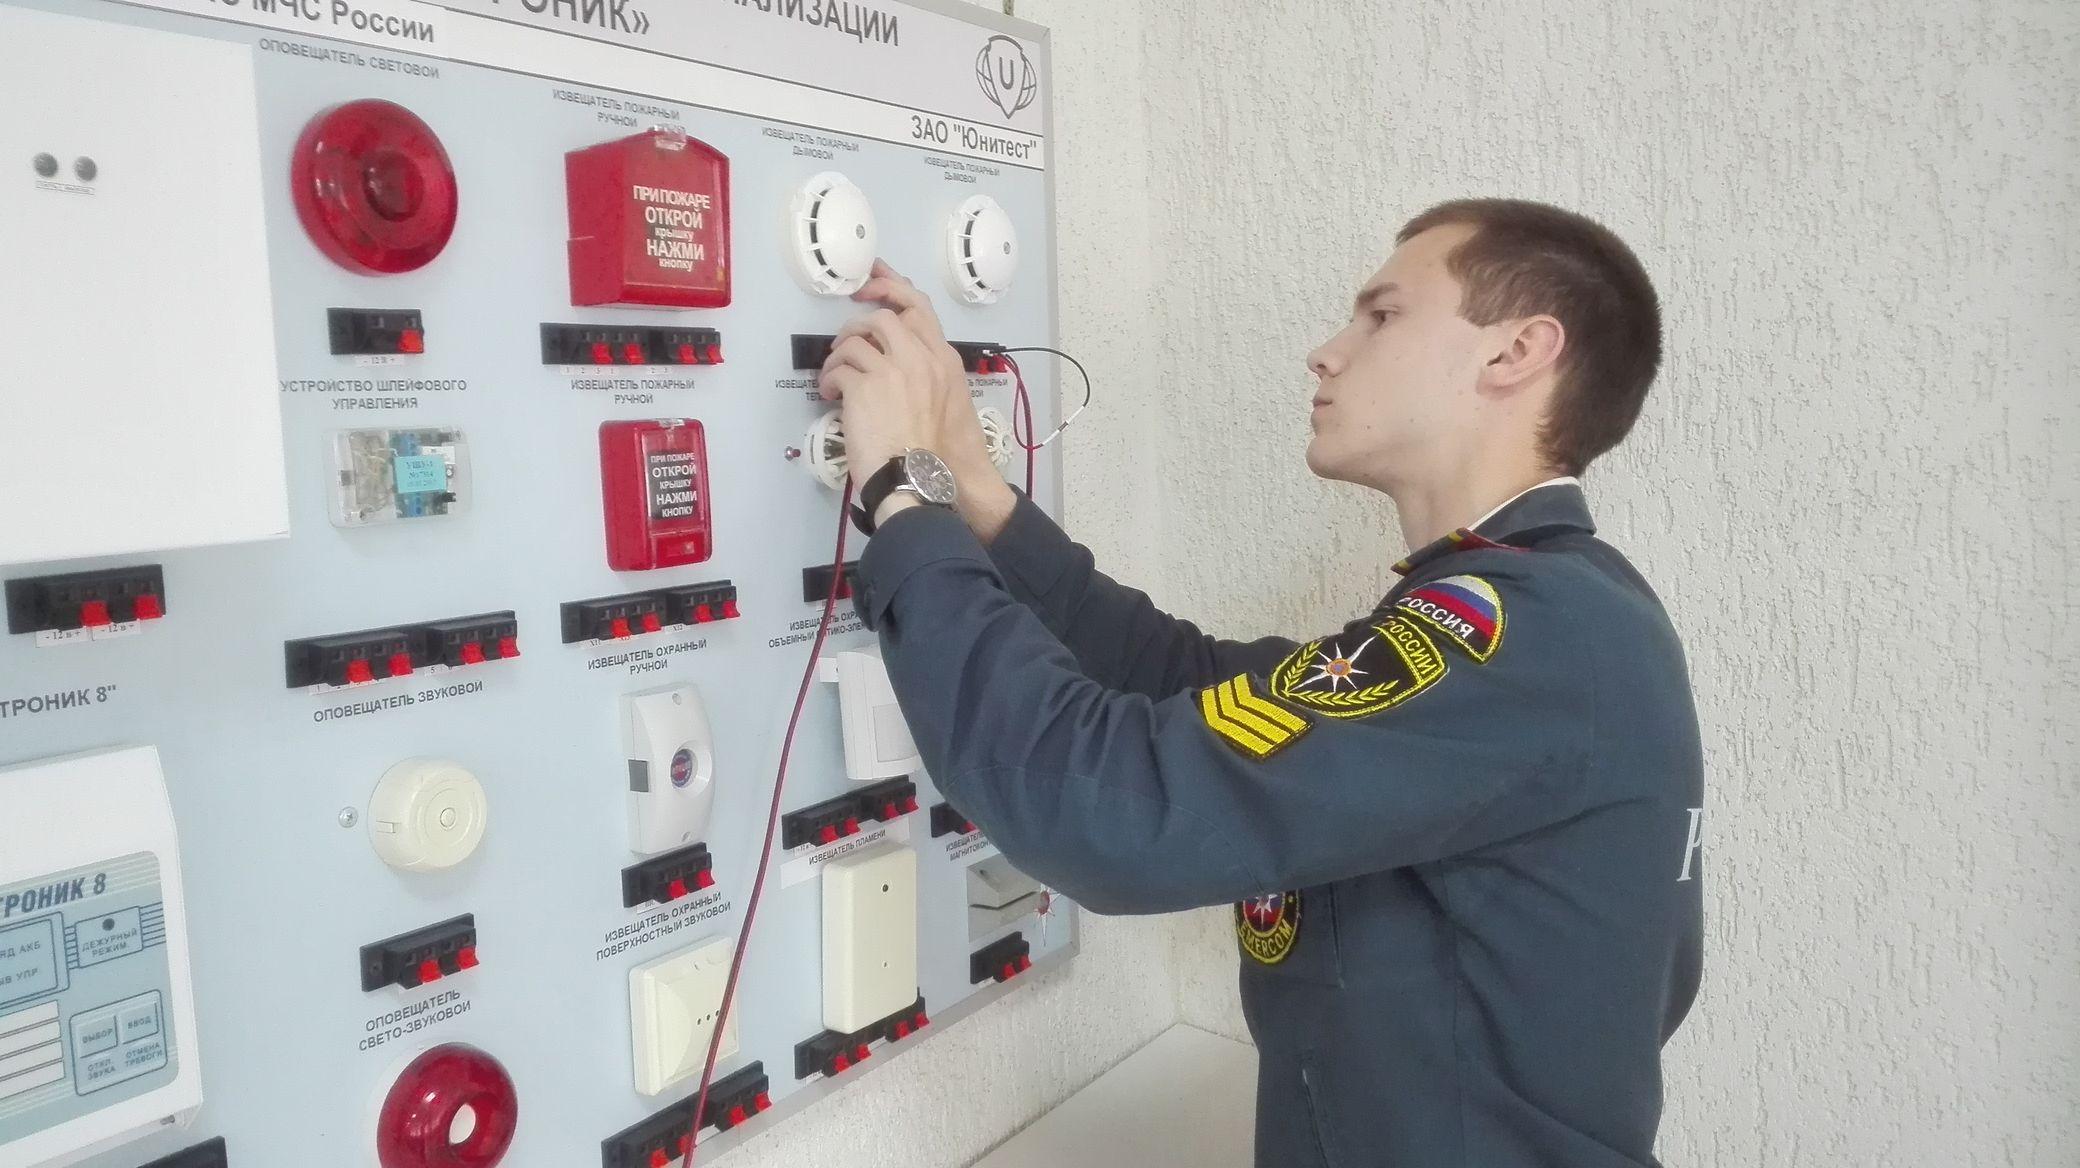 Официальные проверки от имени государства осуществляет МЧС. Но услуги пожарной безопасности могут оказывать экспертные организации, причем они помогут успешно пройти инспекцию пожнадзора.